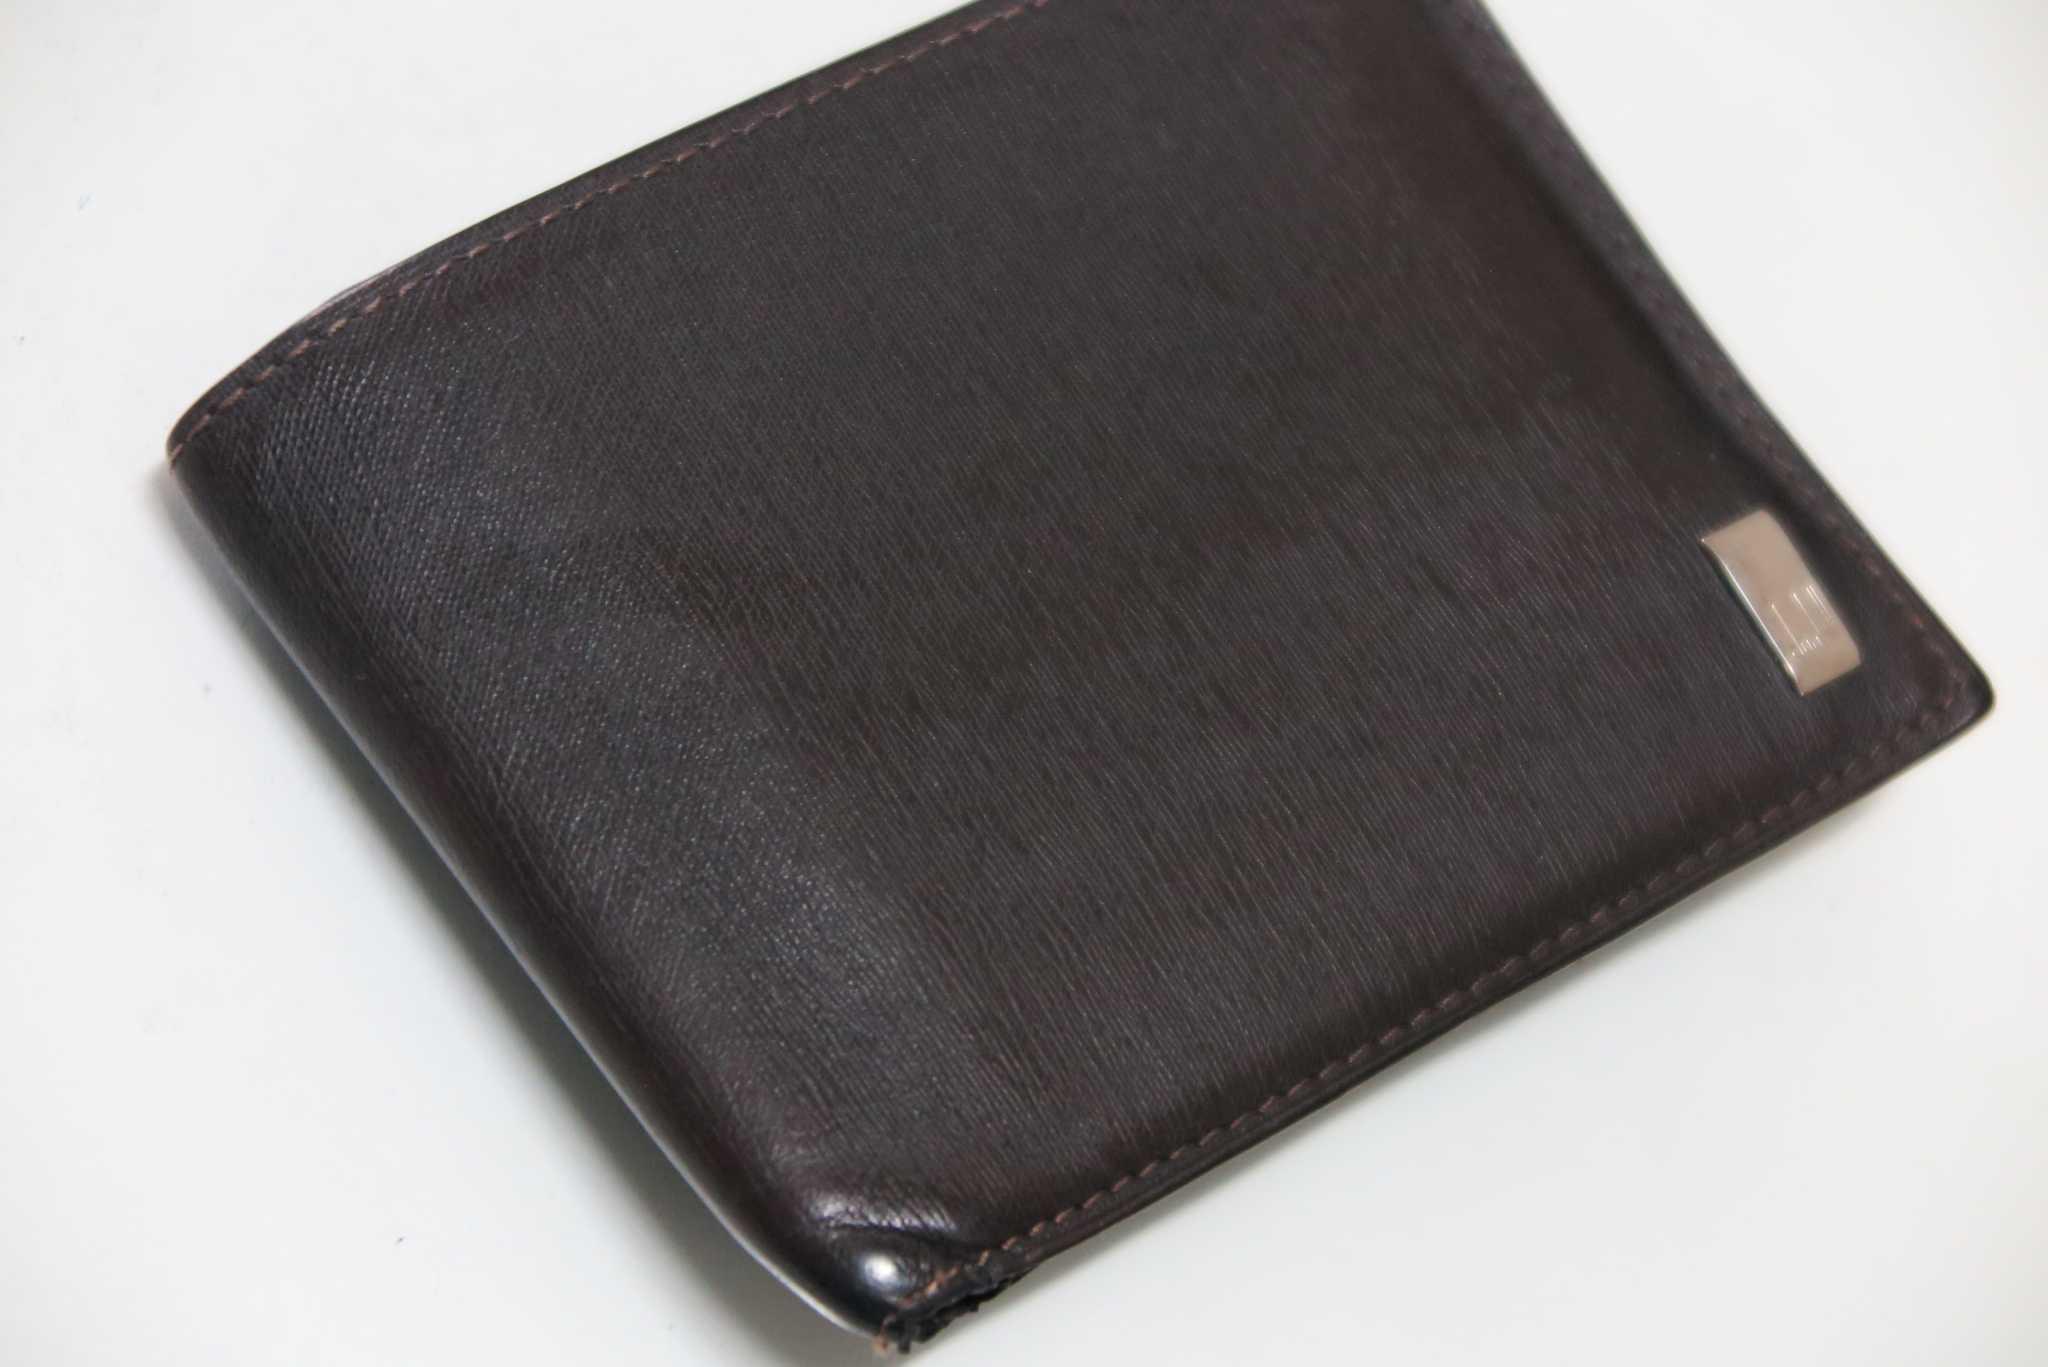 353c3b34d4ca 小銭すら不要な時代】財布を持ち歩かない生活が普通に、ブランド物の長 ...